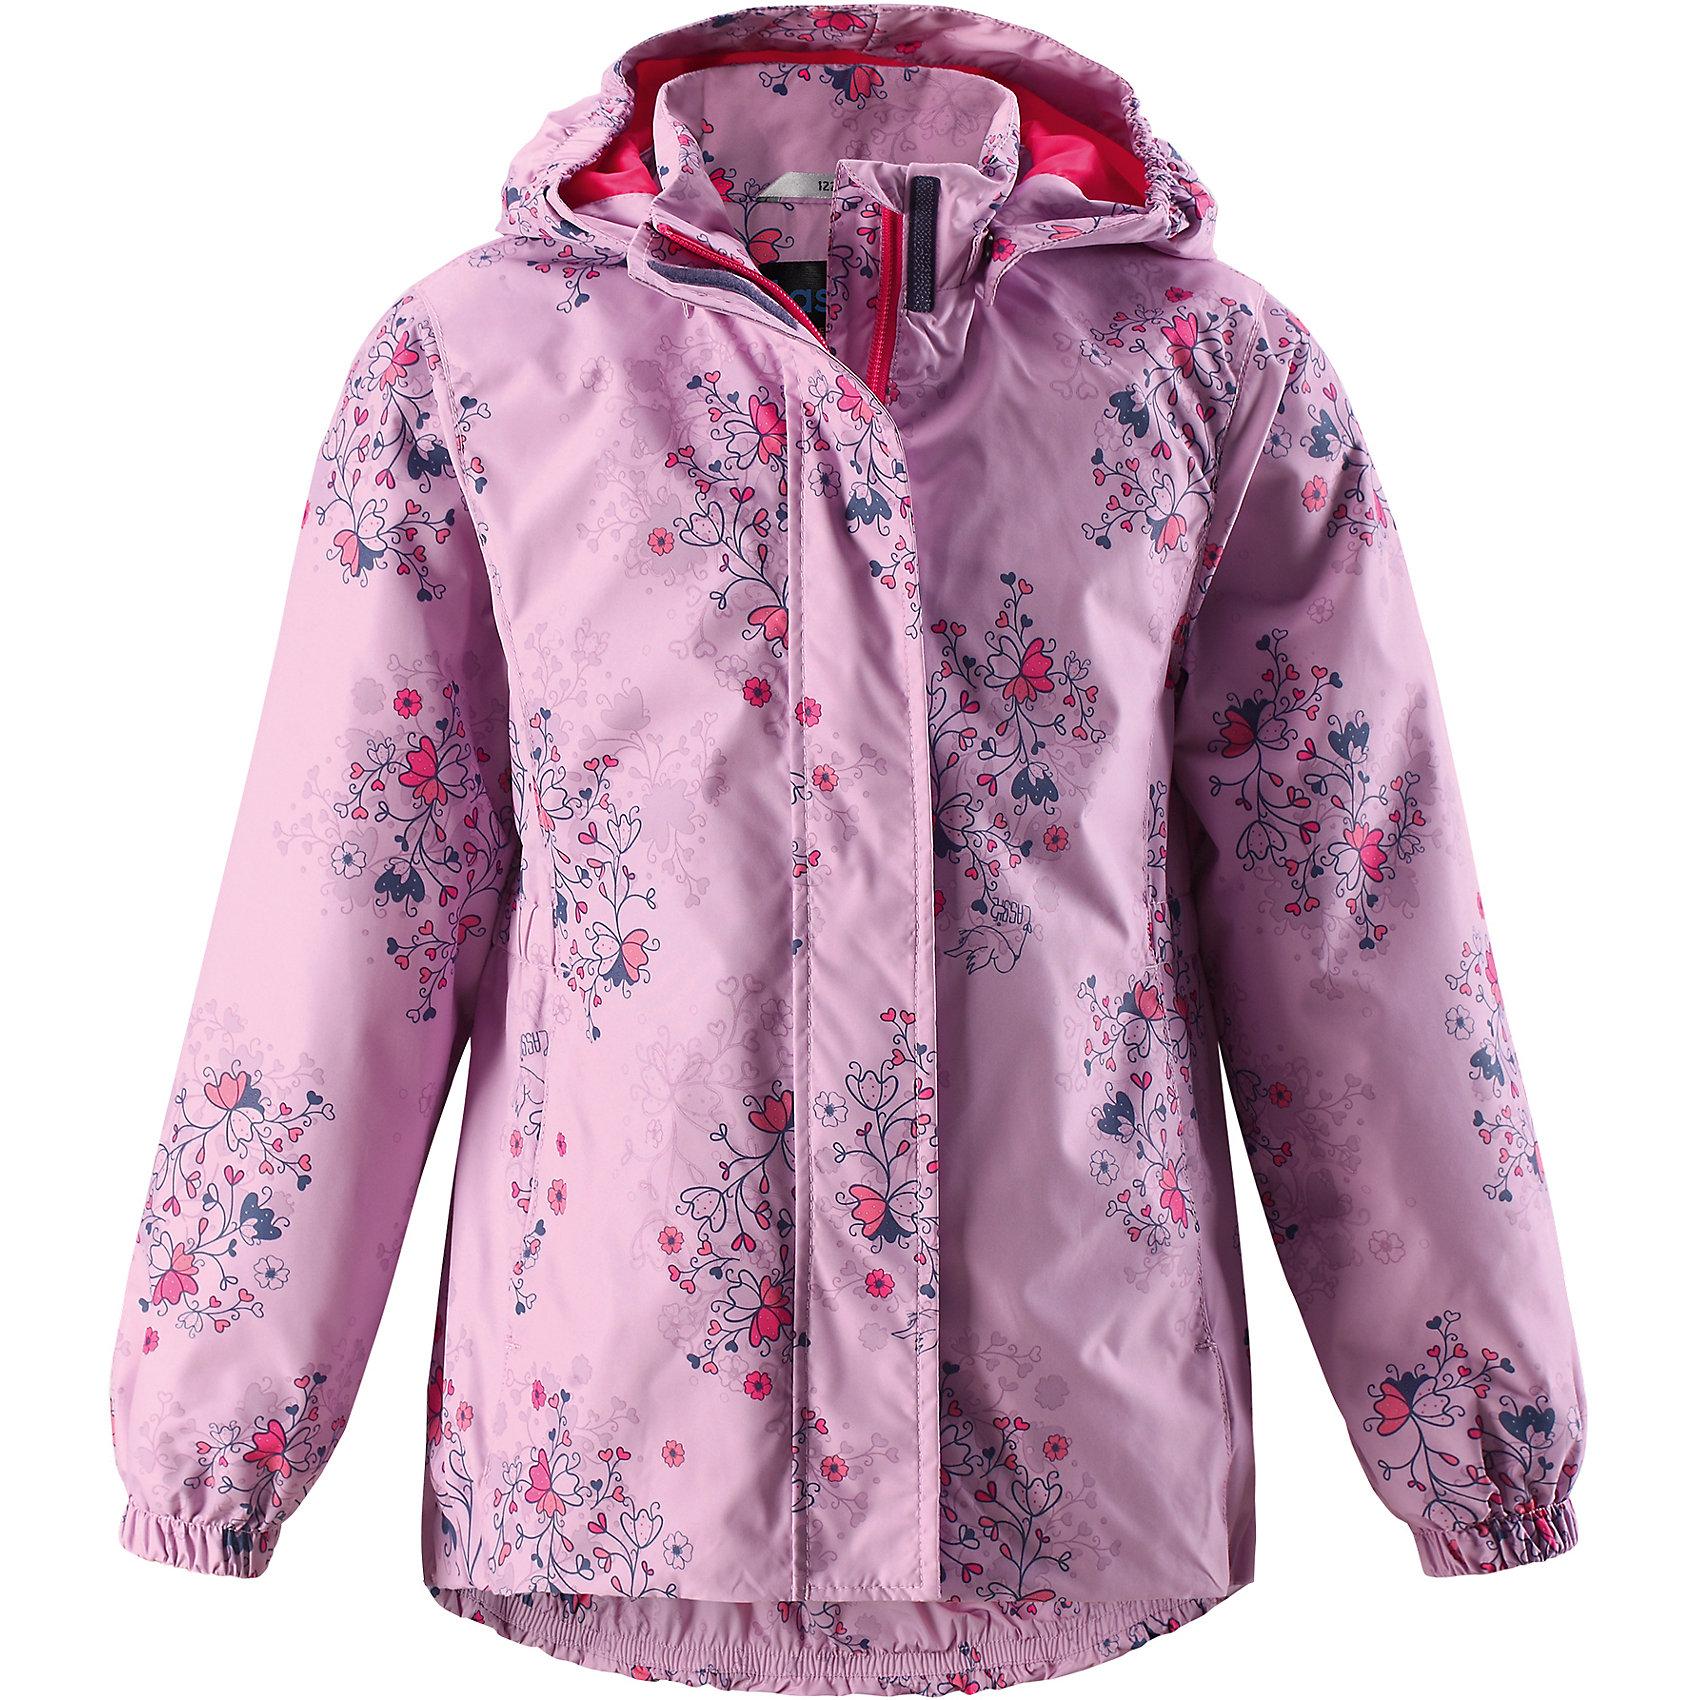 Куртка для девочки LASSIEОдежда<br>Курткадля девочки LASSIE<br>Состав:<br>100% Полиэстер, полиуретановое покрытие<br> Куртка для детей<br> Водоотталкивающий, ветронепроницаемый и «дышащий» материал<br> Крой для девочек<br> Подкладка из mesh-сетки<br> Безопасный, съемный капюшон<br> Эластичные манжеты<br> Эластичная талия<br> Эластичная кромка подола<br> Карманы в боковых швах<br><br>Ширина мм: 356<br>Глубина мм: 10<br>Высота мм: 245<br>Вес г: 519<br>Цвет: розовый<br>Возраст от месяцев: 156<br>Возраст до месяцев: 168<br>Пол: Женский<br>Возраст: Детский<br>Размер: 140,122,92,98,104,110,116,128,134<br>SKU: 5264555